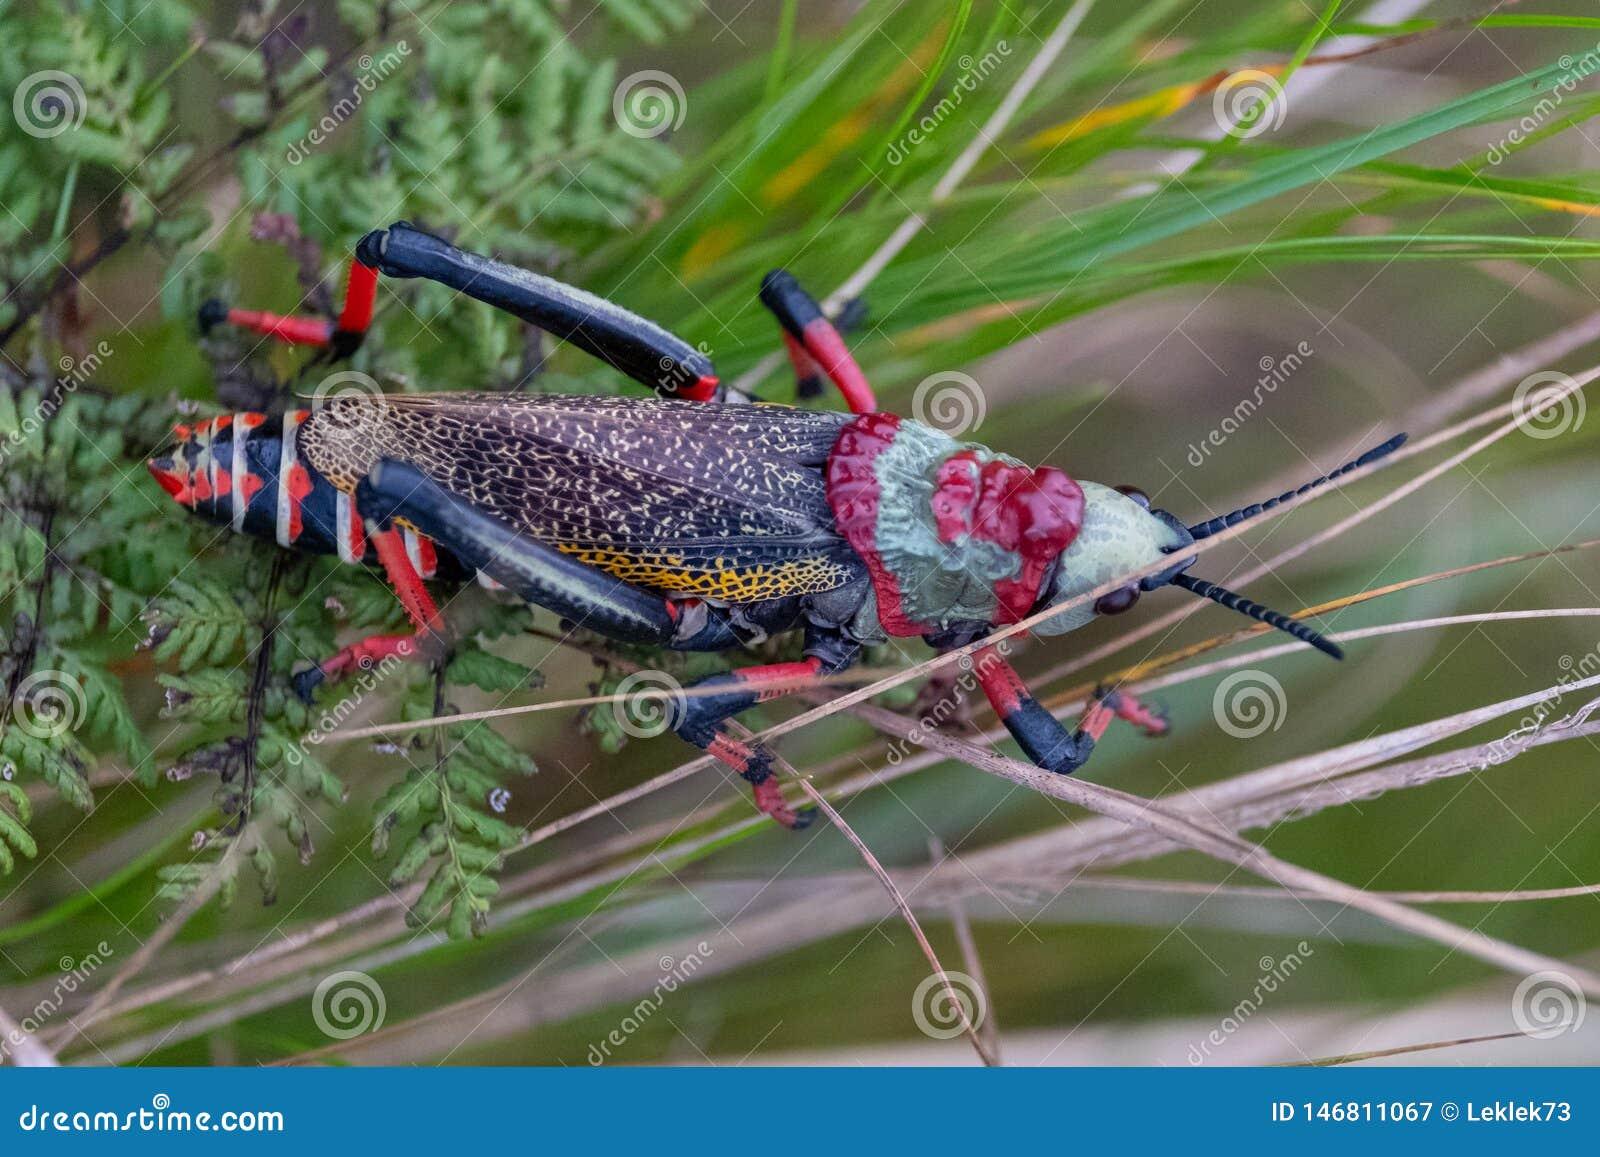 Cavalletta della schiuma di Koppie Cavalletta/locusta Colourful fotografata nel canyon del fiume di Blyde, Sudafrica